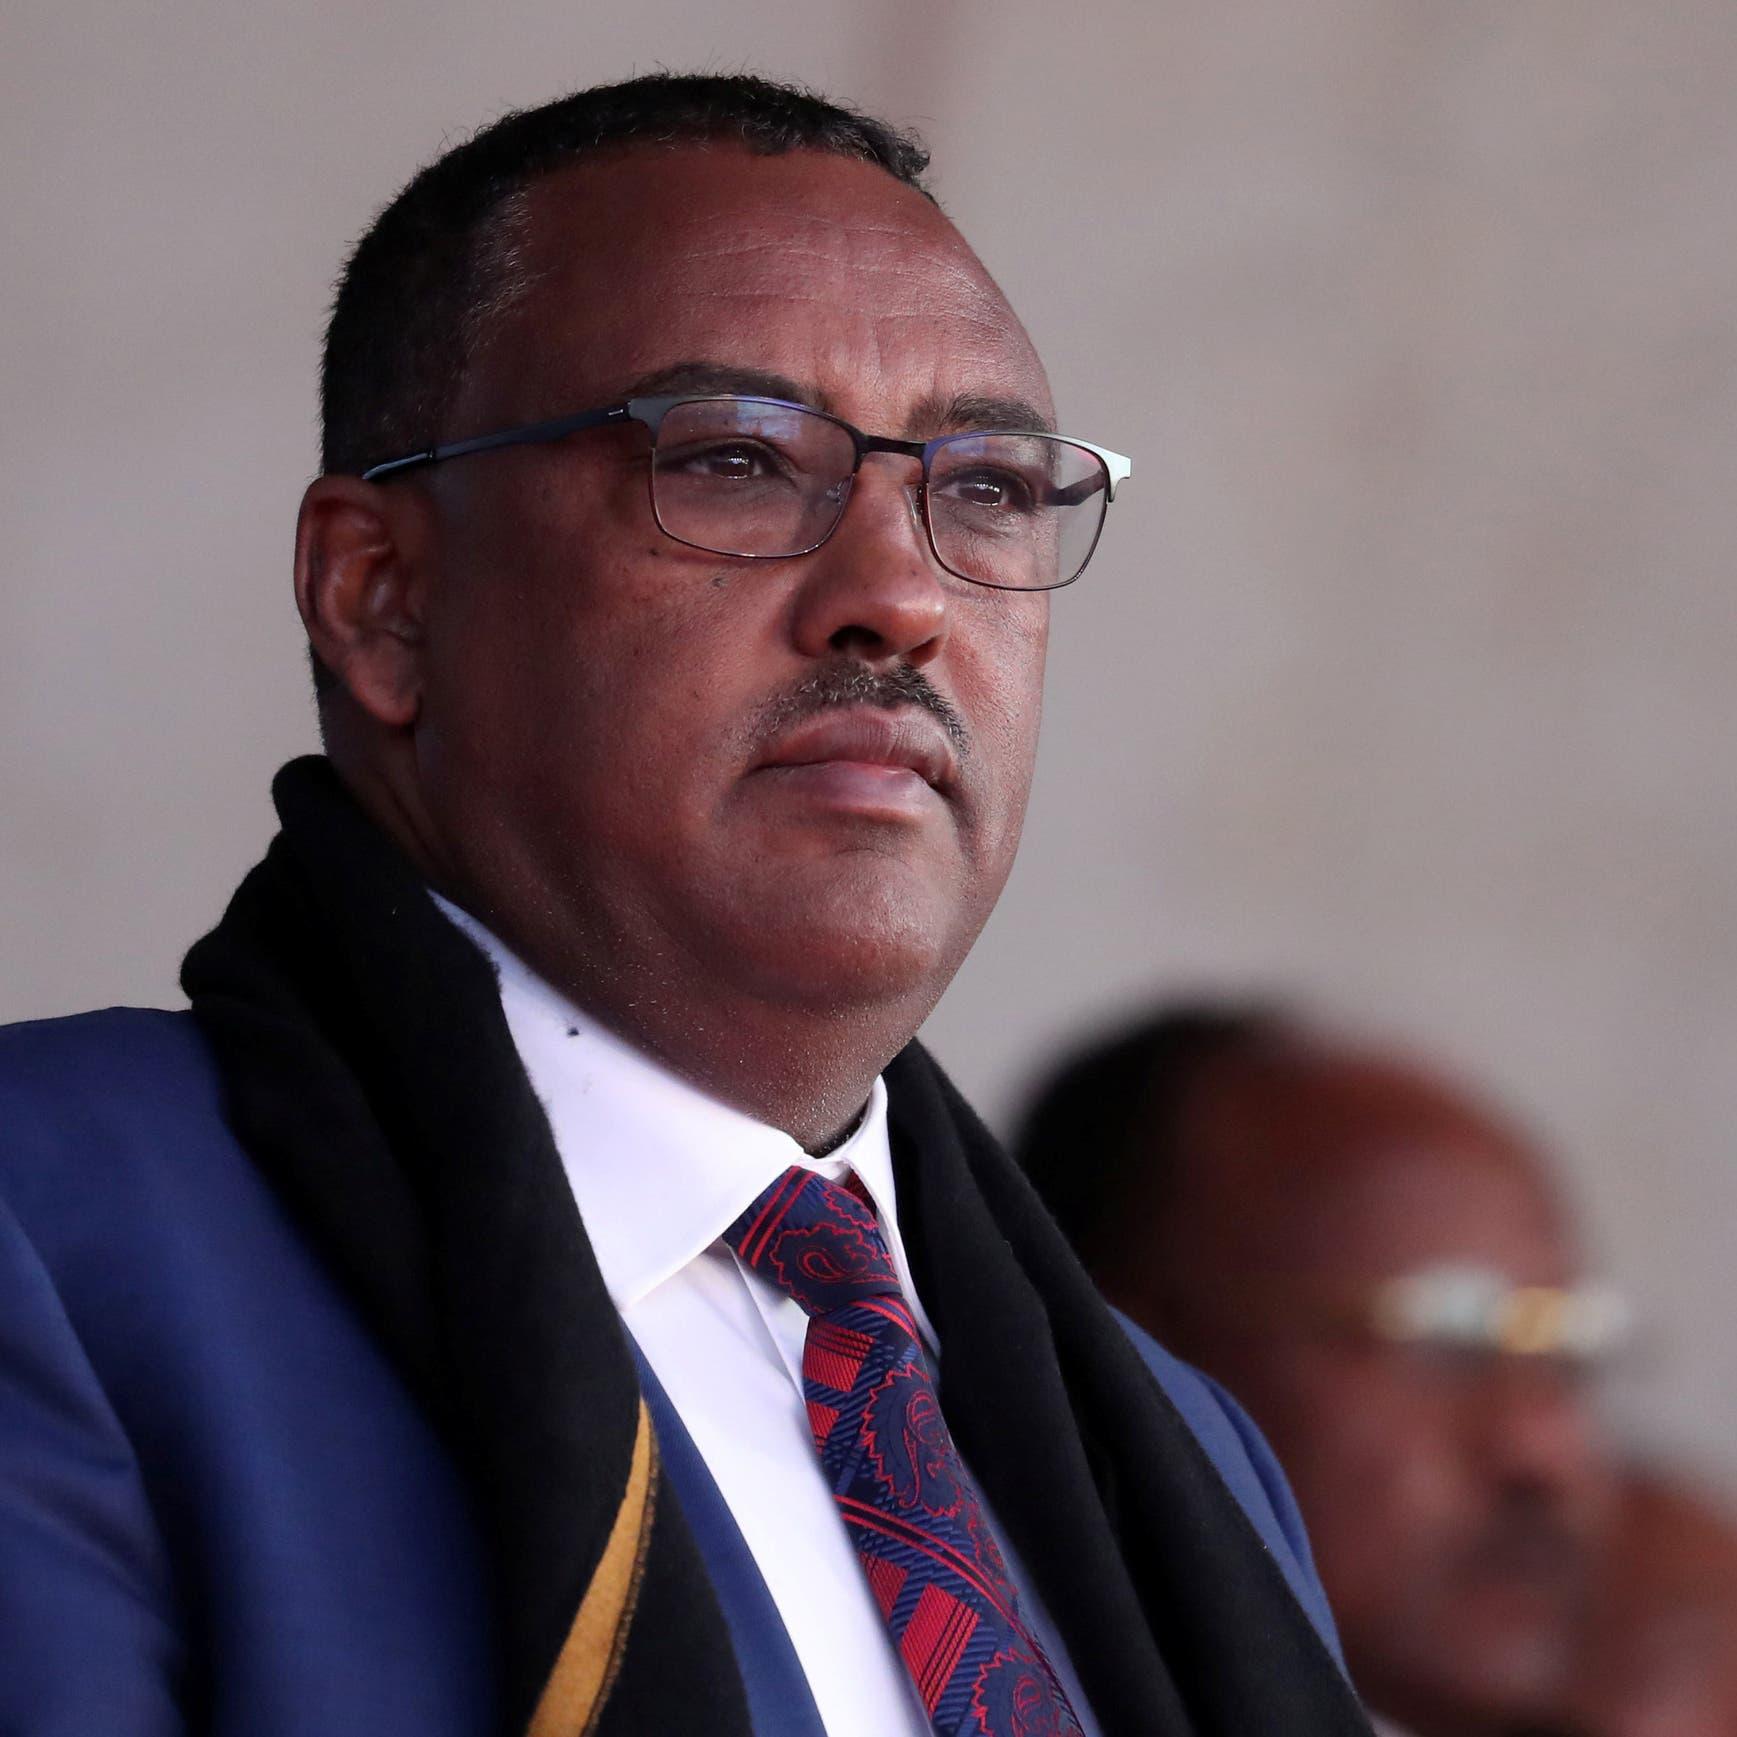 إثيوبيا: مصر والسودان تحاولان تدويل قضية سد النهضة